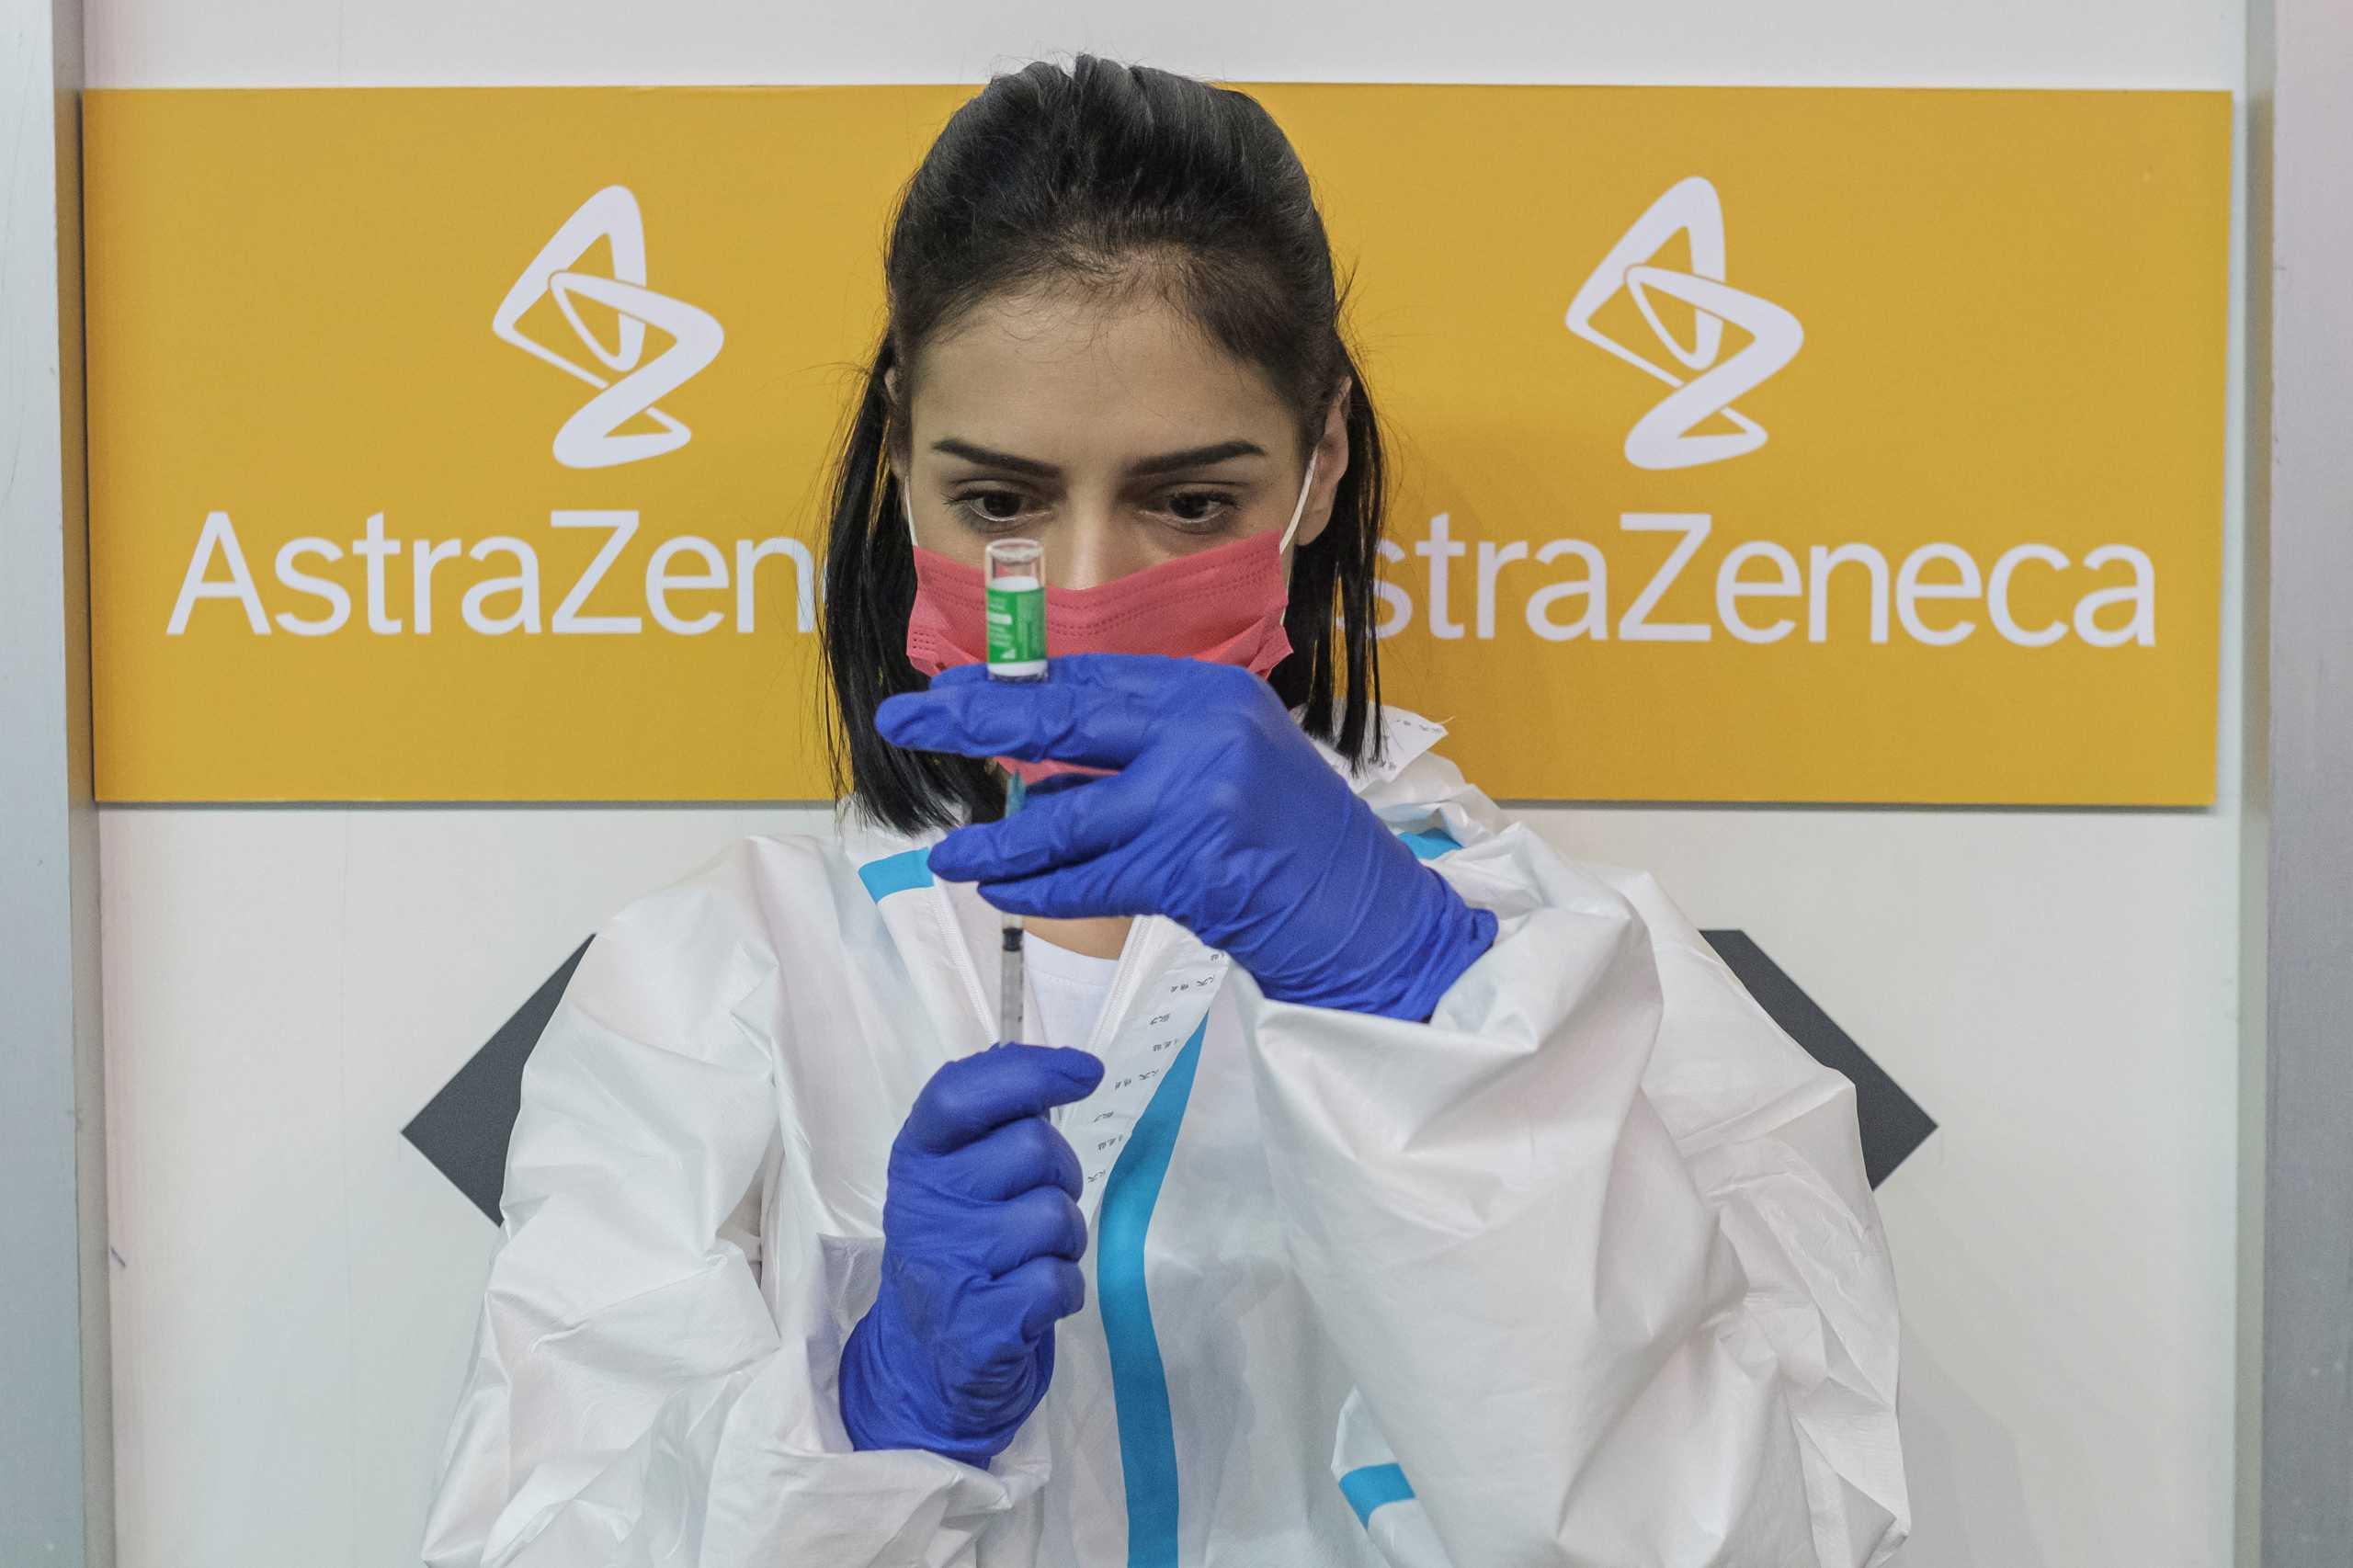 Εμβόλιο AstraZeneca: Η Νορβηγία «πάγωσε» τη χορήγησή του, αλλά δανείζει 216.000 δόσεις σε Σουηδία και Ισλανδία